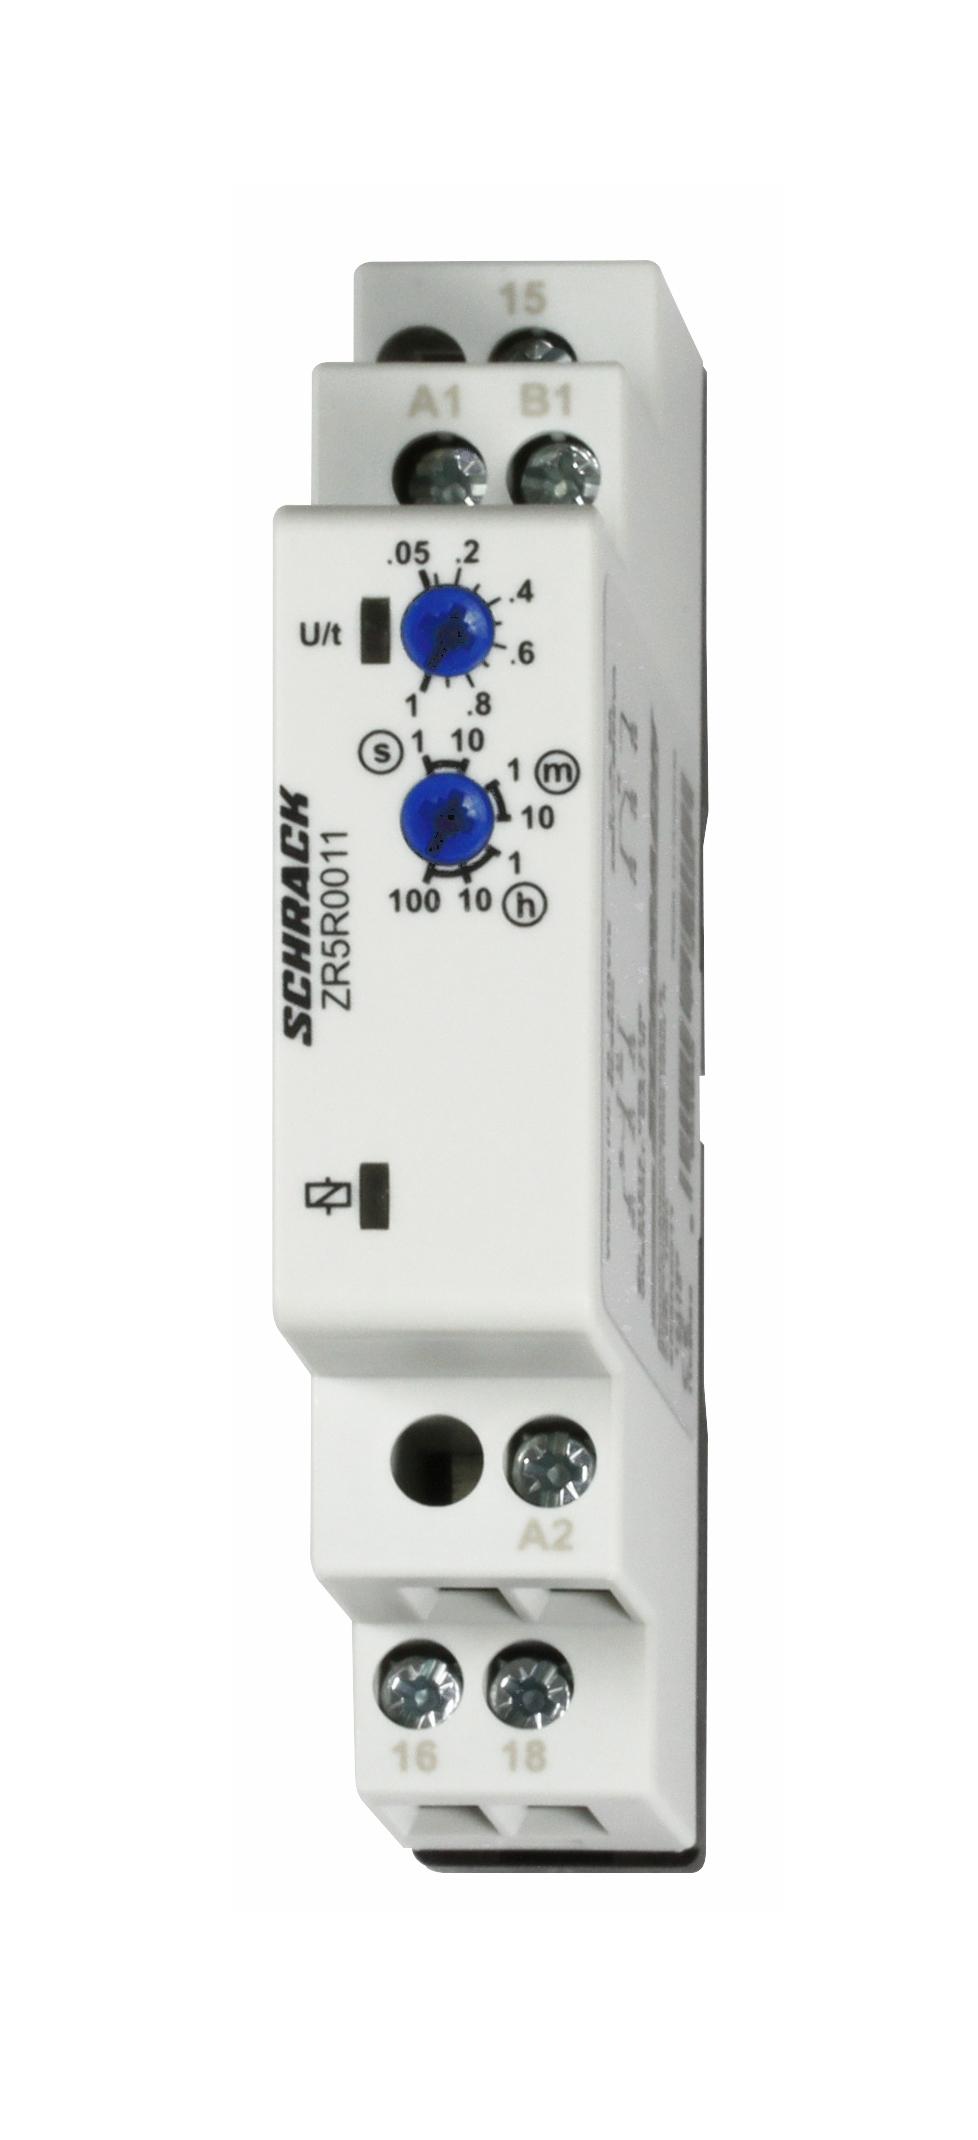 ZR5R0011 - Schrack Technik